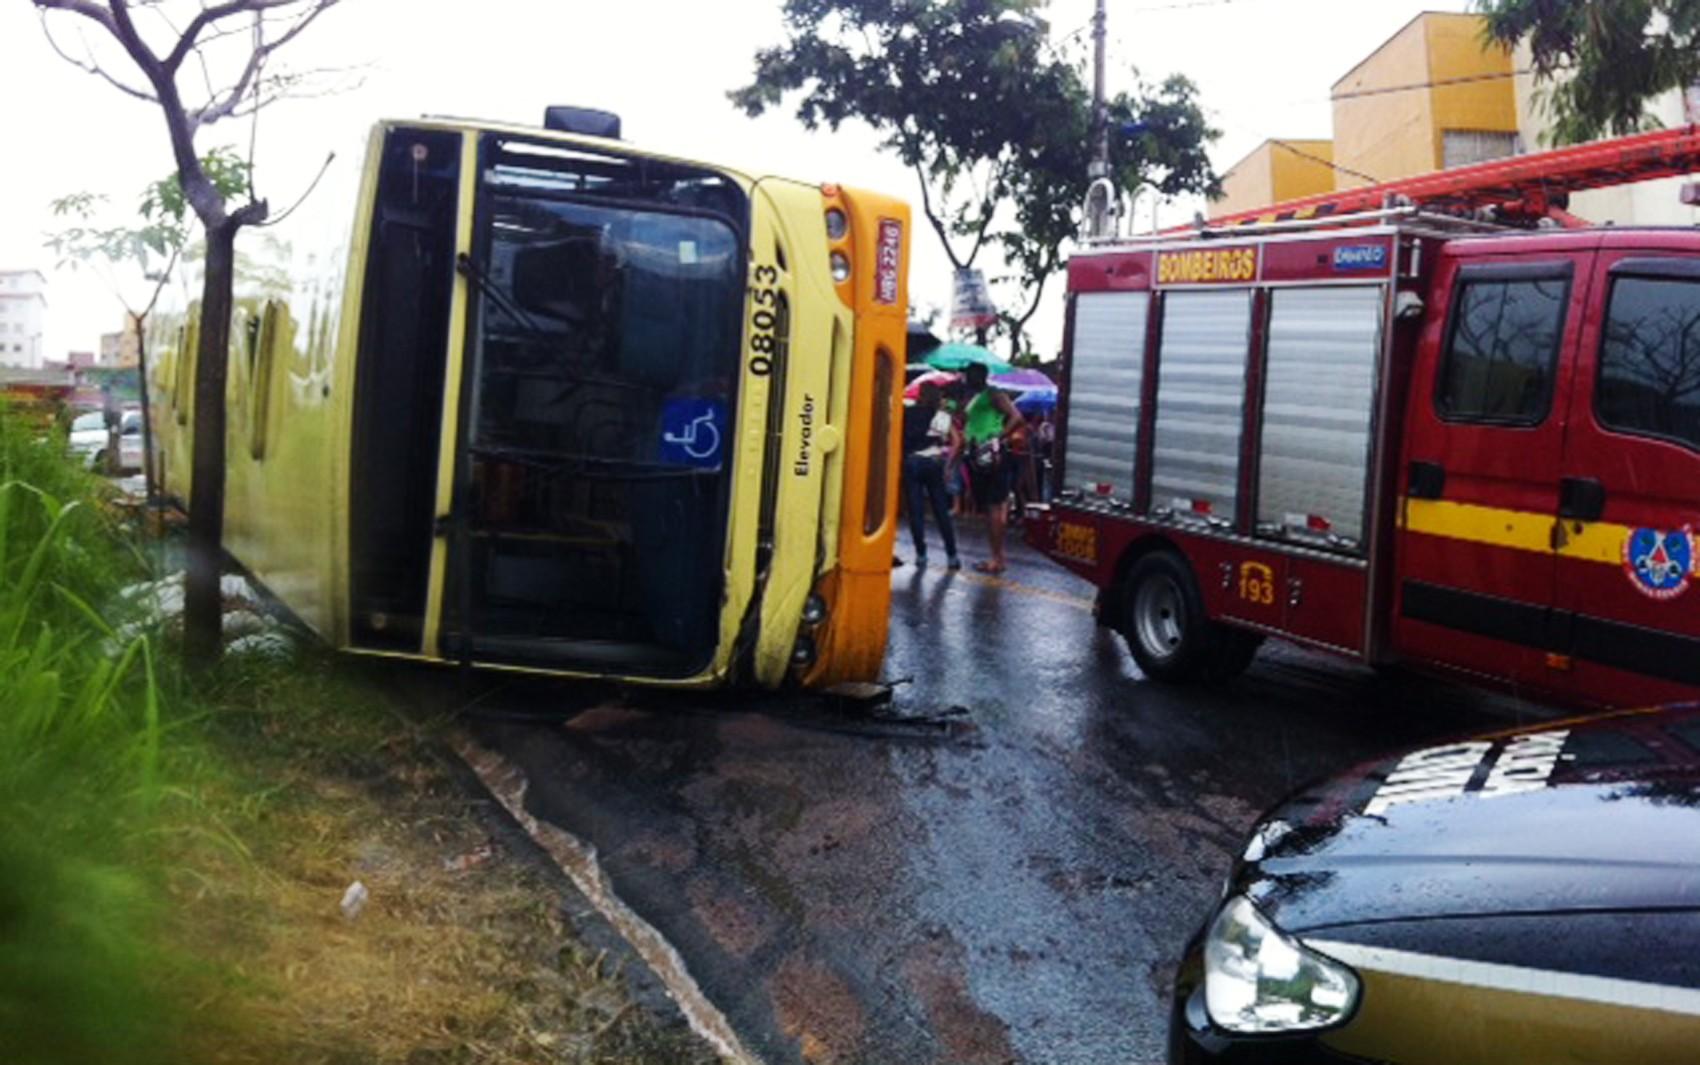 Ônibus tomba em acidente com carreta em Belo Horizonte e deixa mortos e feridos (Foto: Gabriel Senna/TV Globo Minas)